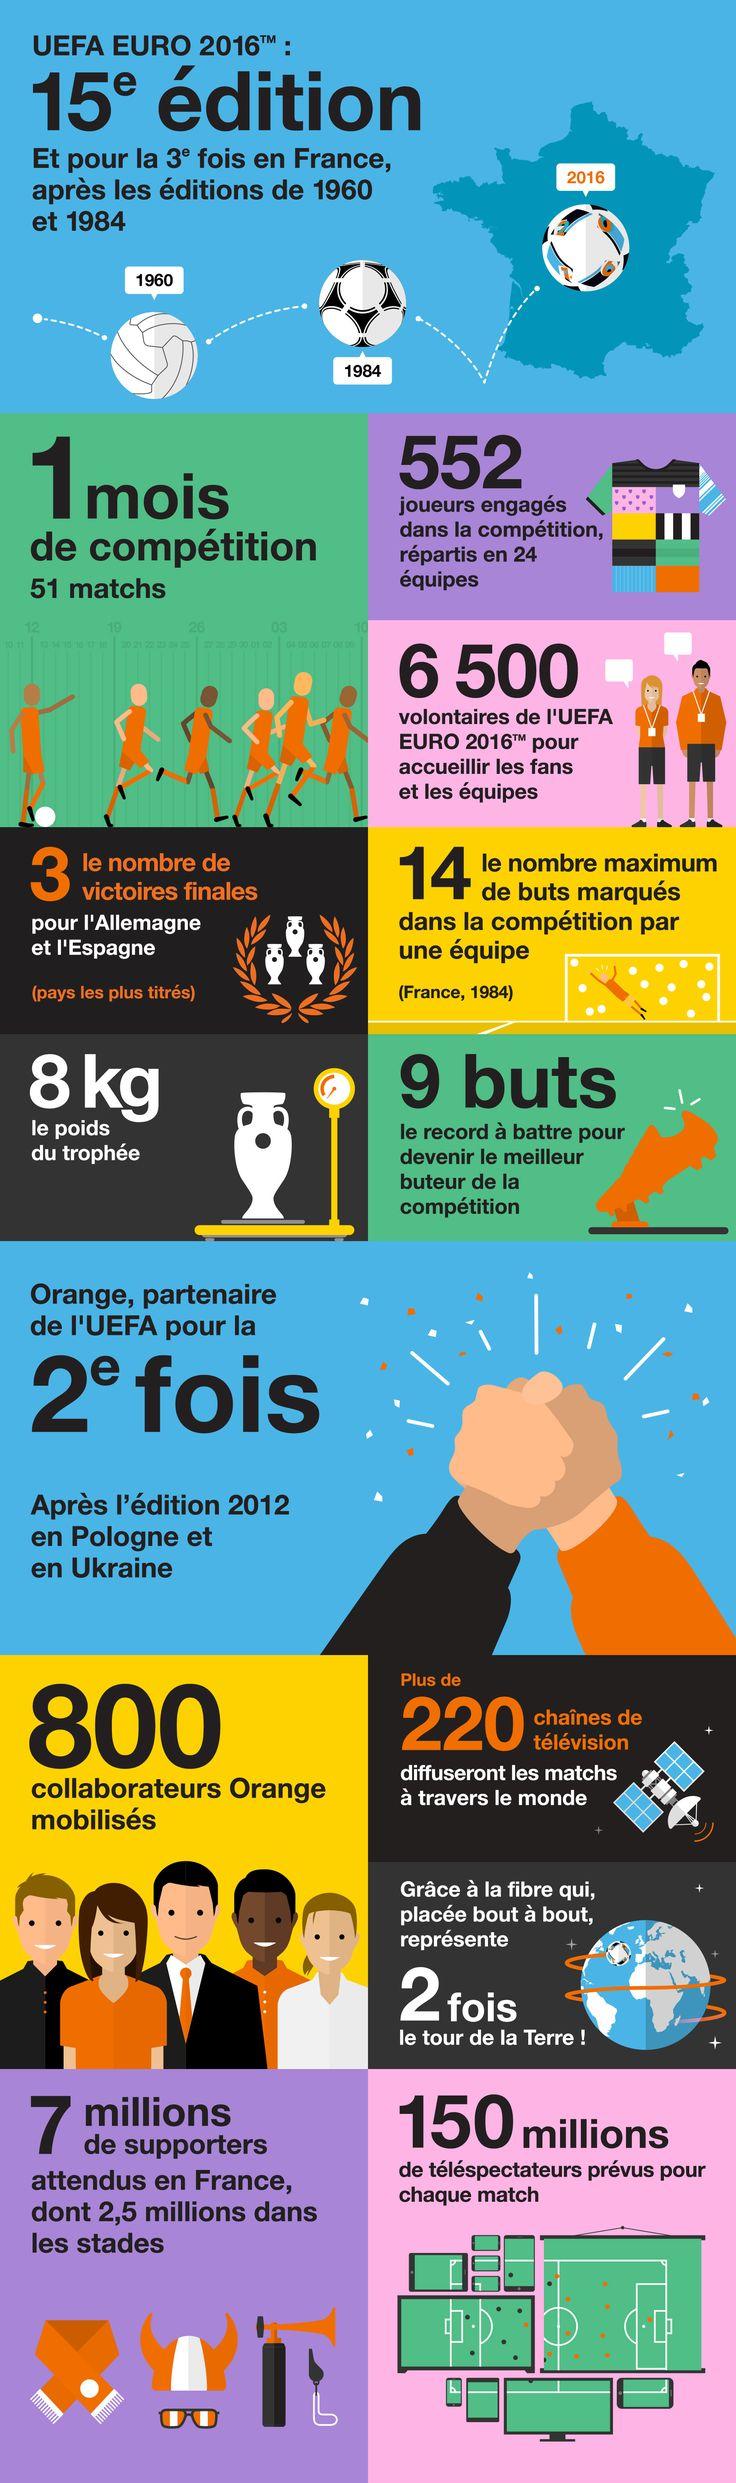 Orange et l'UEFA EURO 2016™